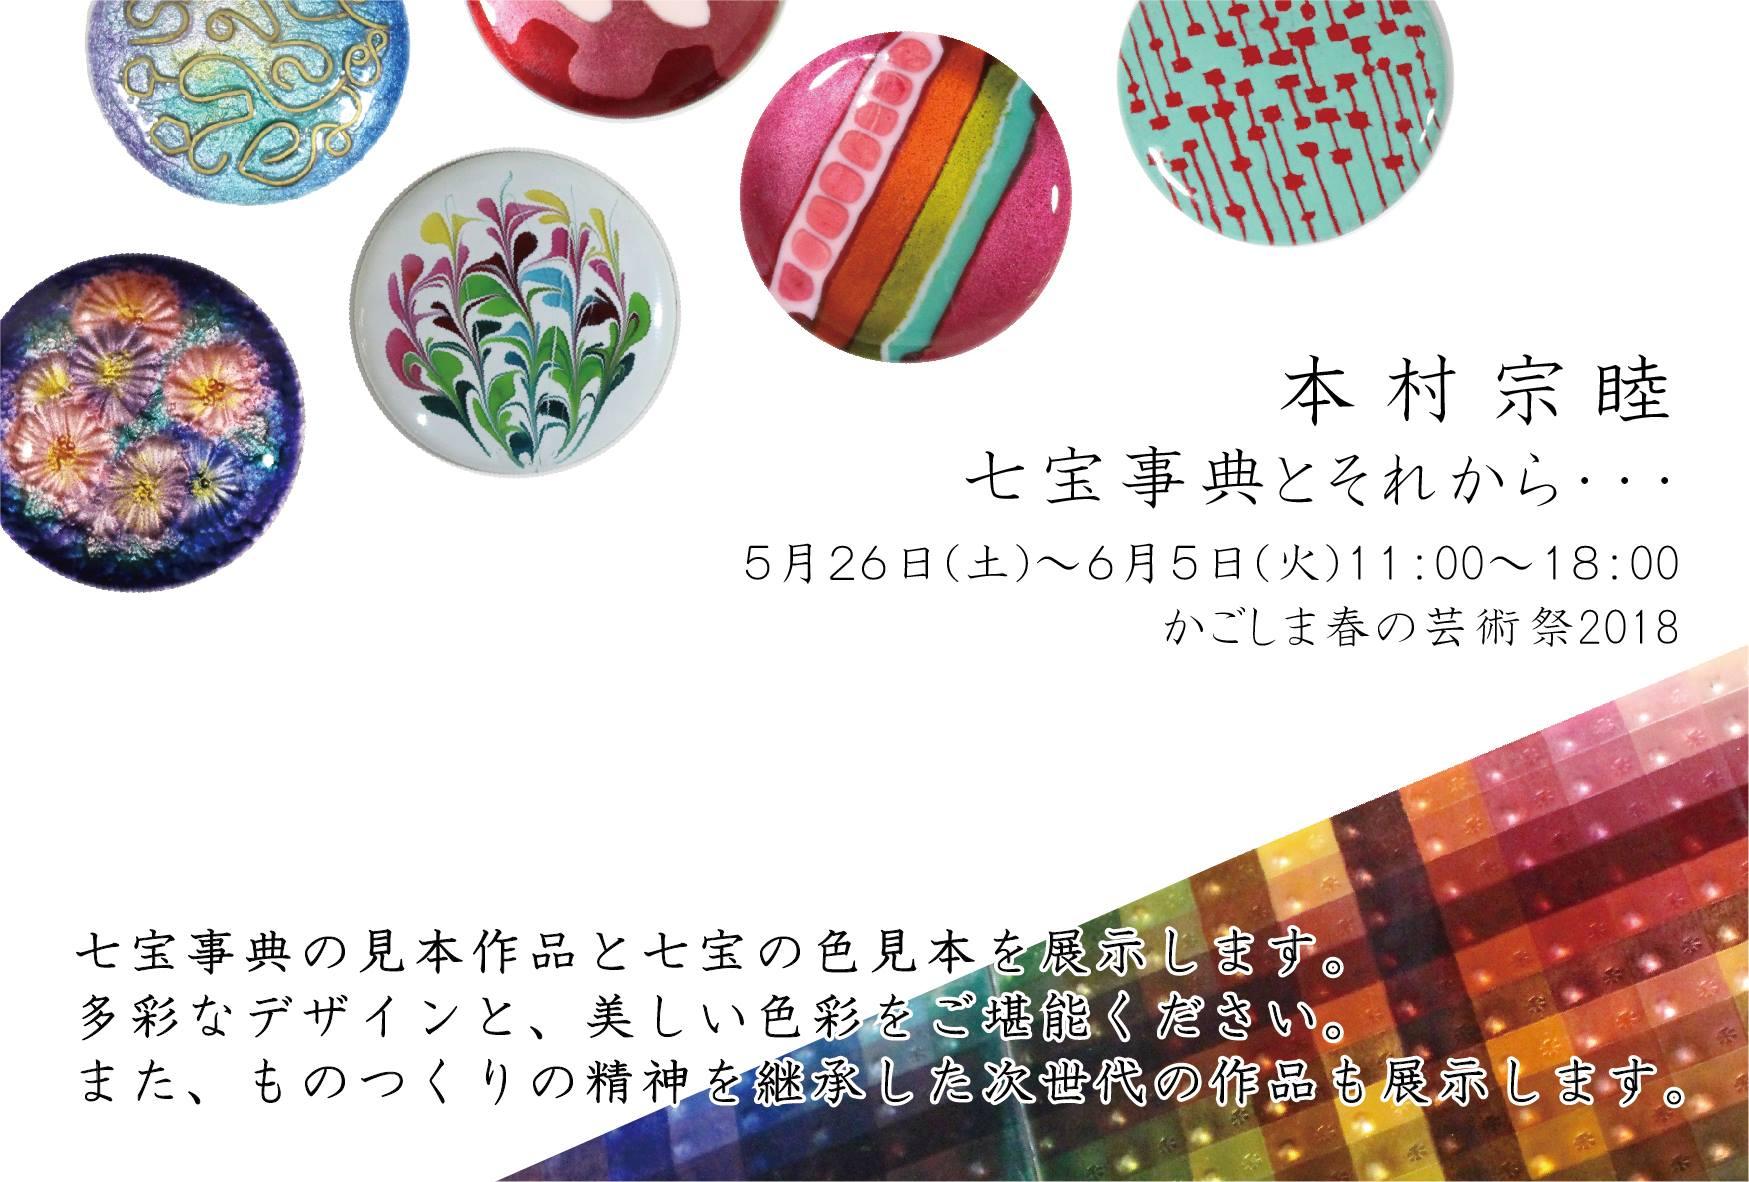 本村宗睦 七宝事典とそれから… 2018.05.26-2018.06.05